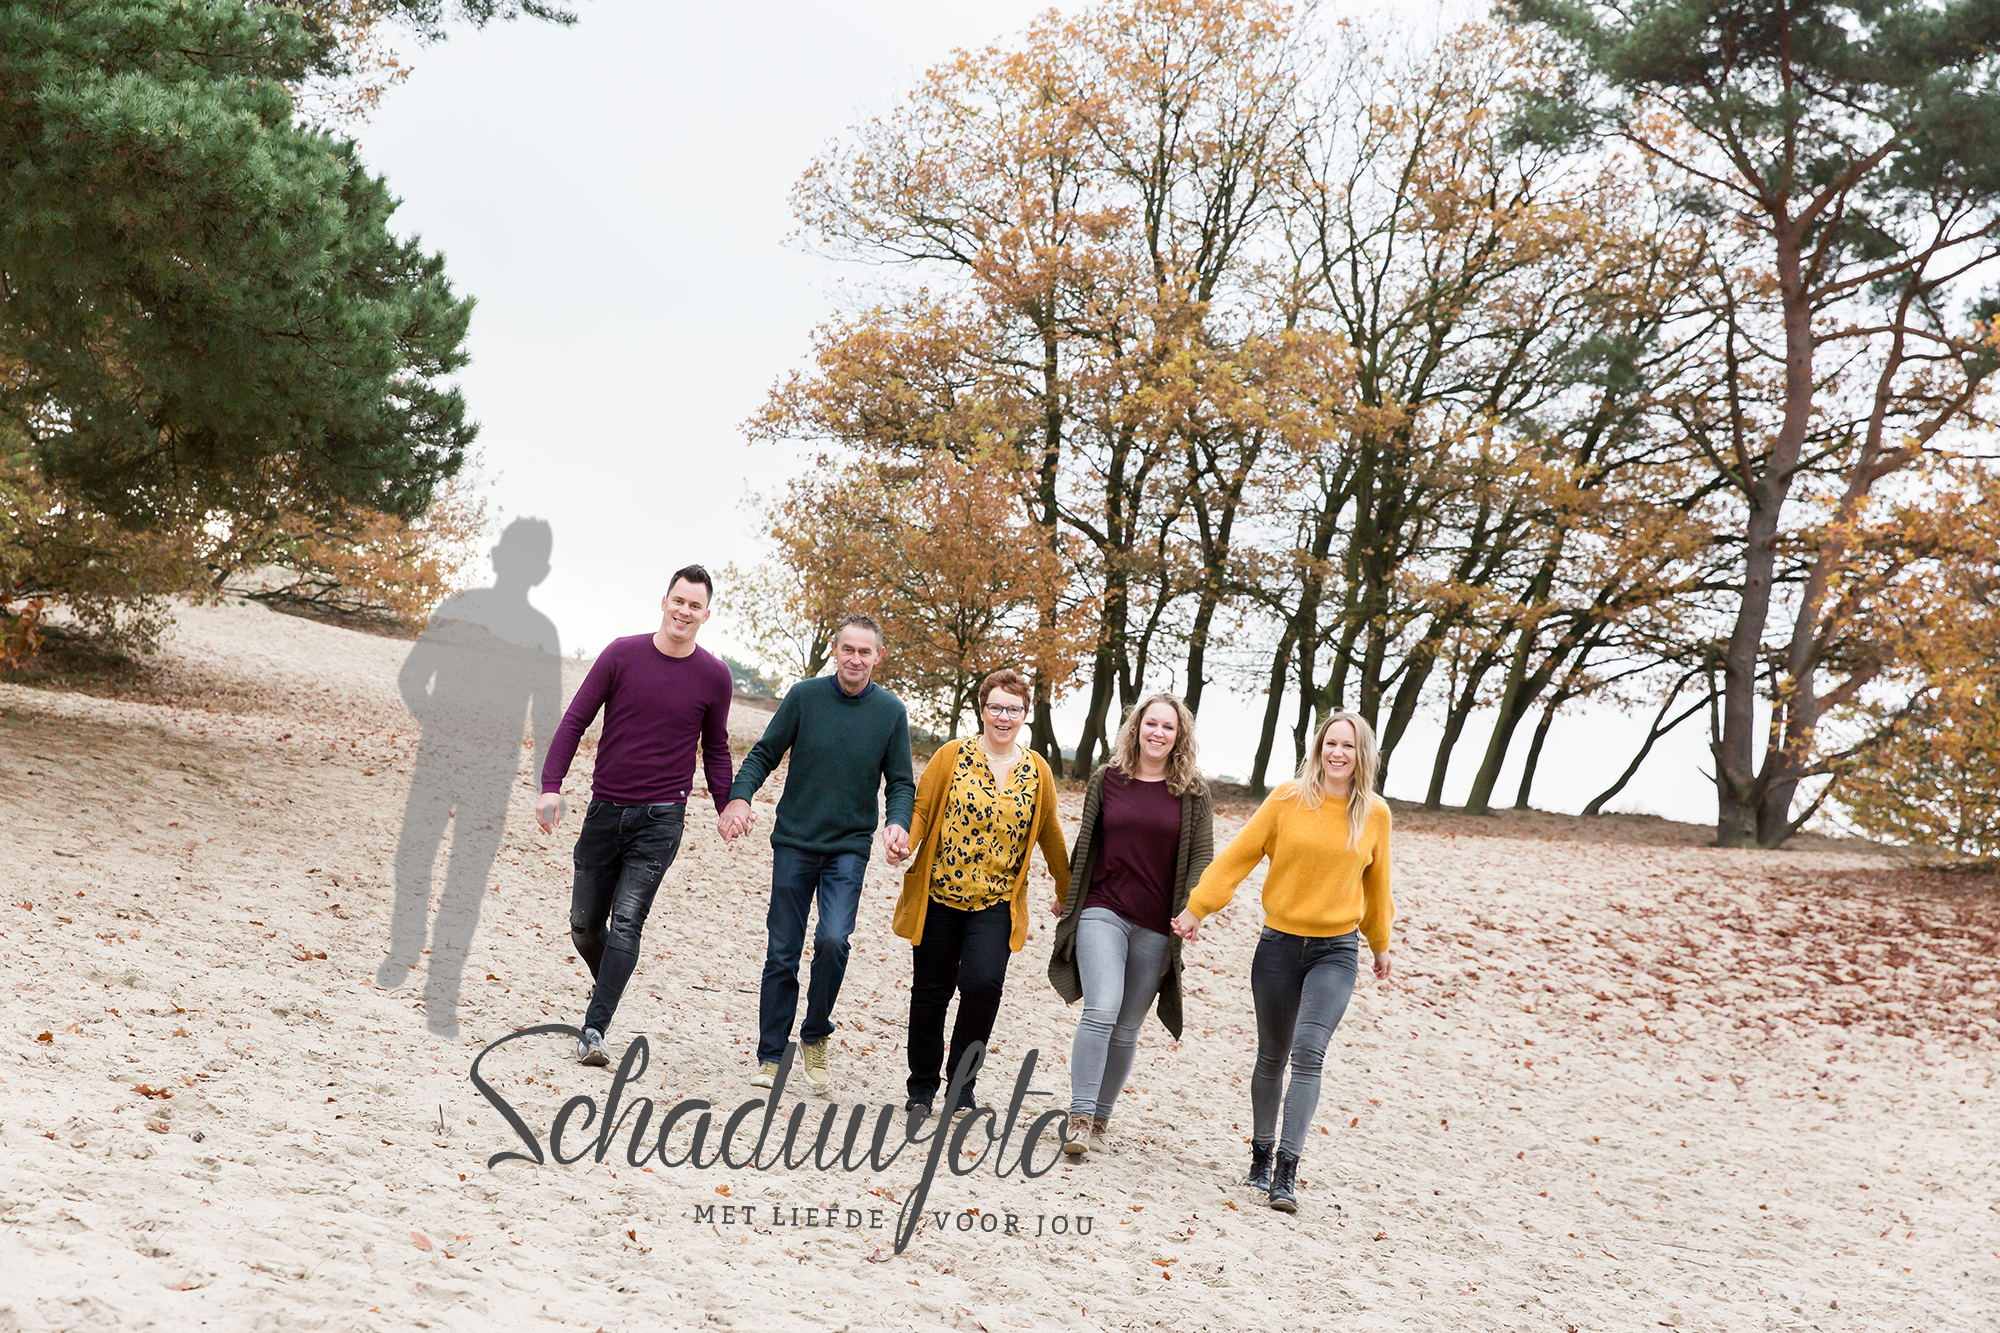 Schaduwfoto is samenwerking met Das' Knuss Fotografie Soesterduinen Soestduinen Volwassen Schaduw hand in hand met zoon